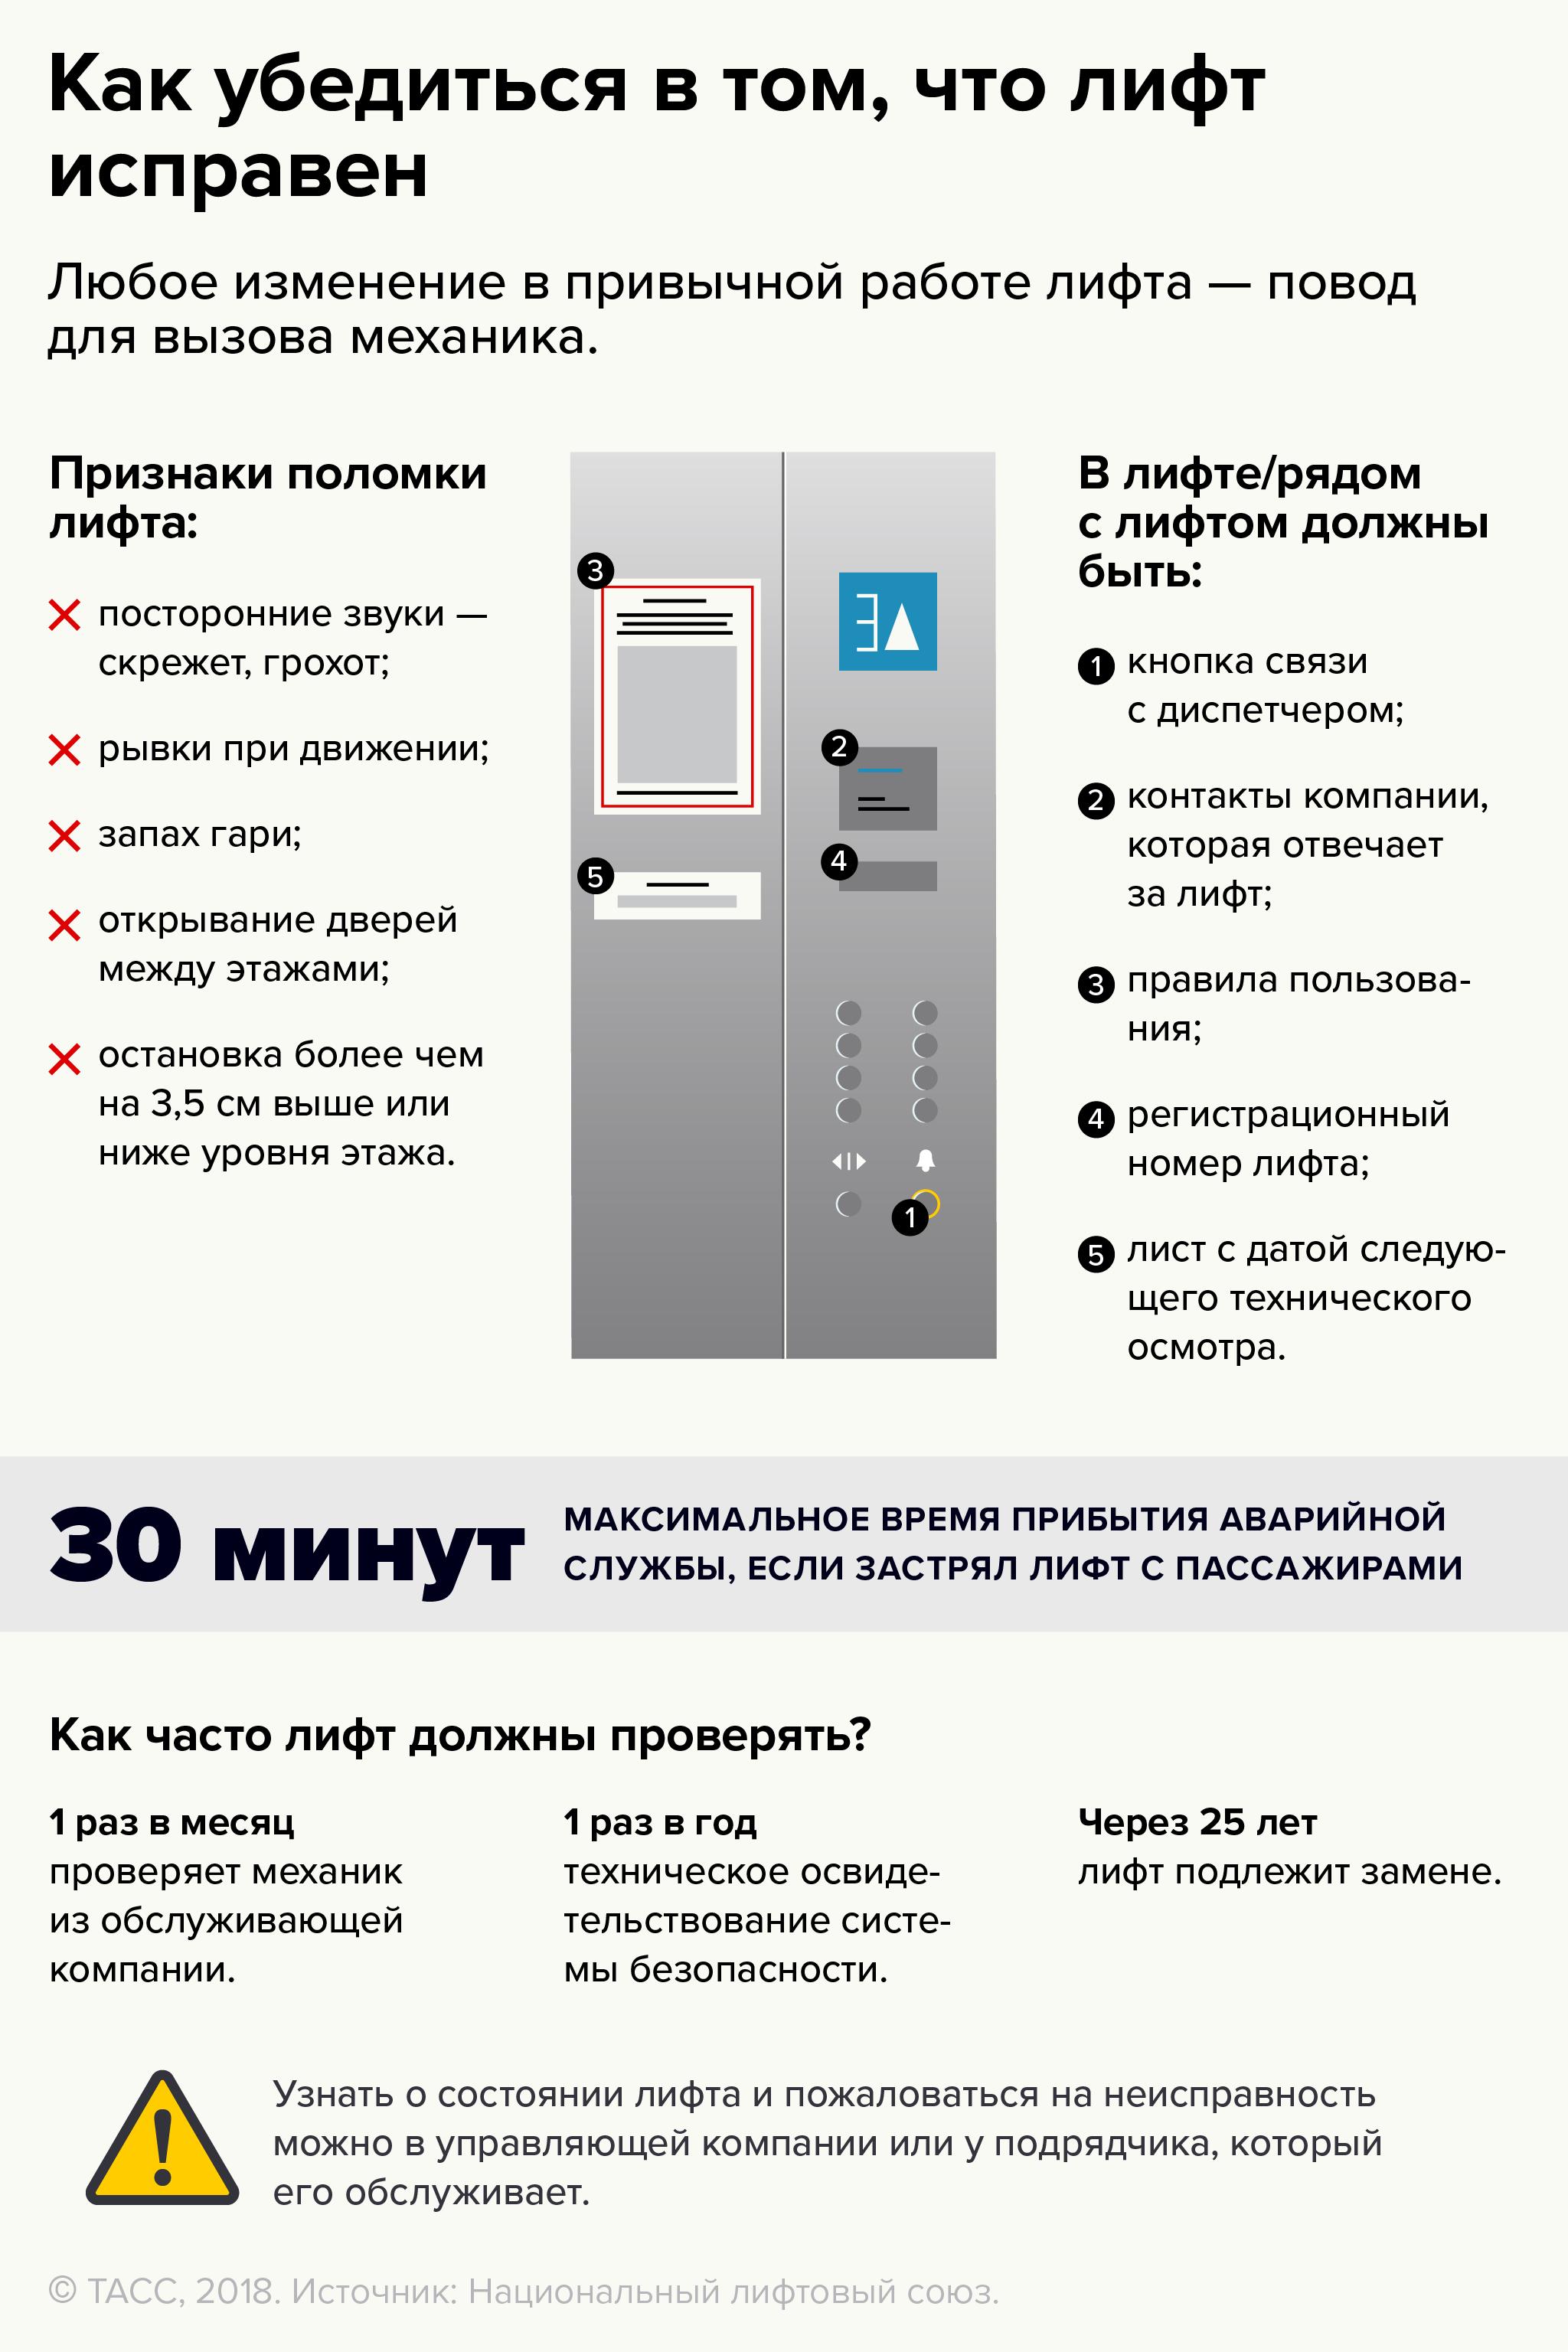 Как убедиться в том, что лифт в вашем доме исправен